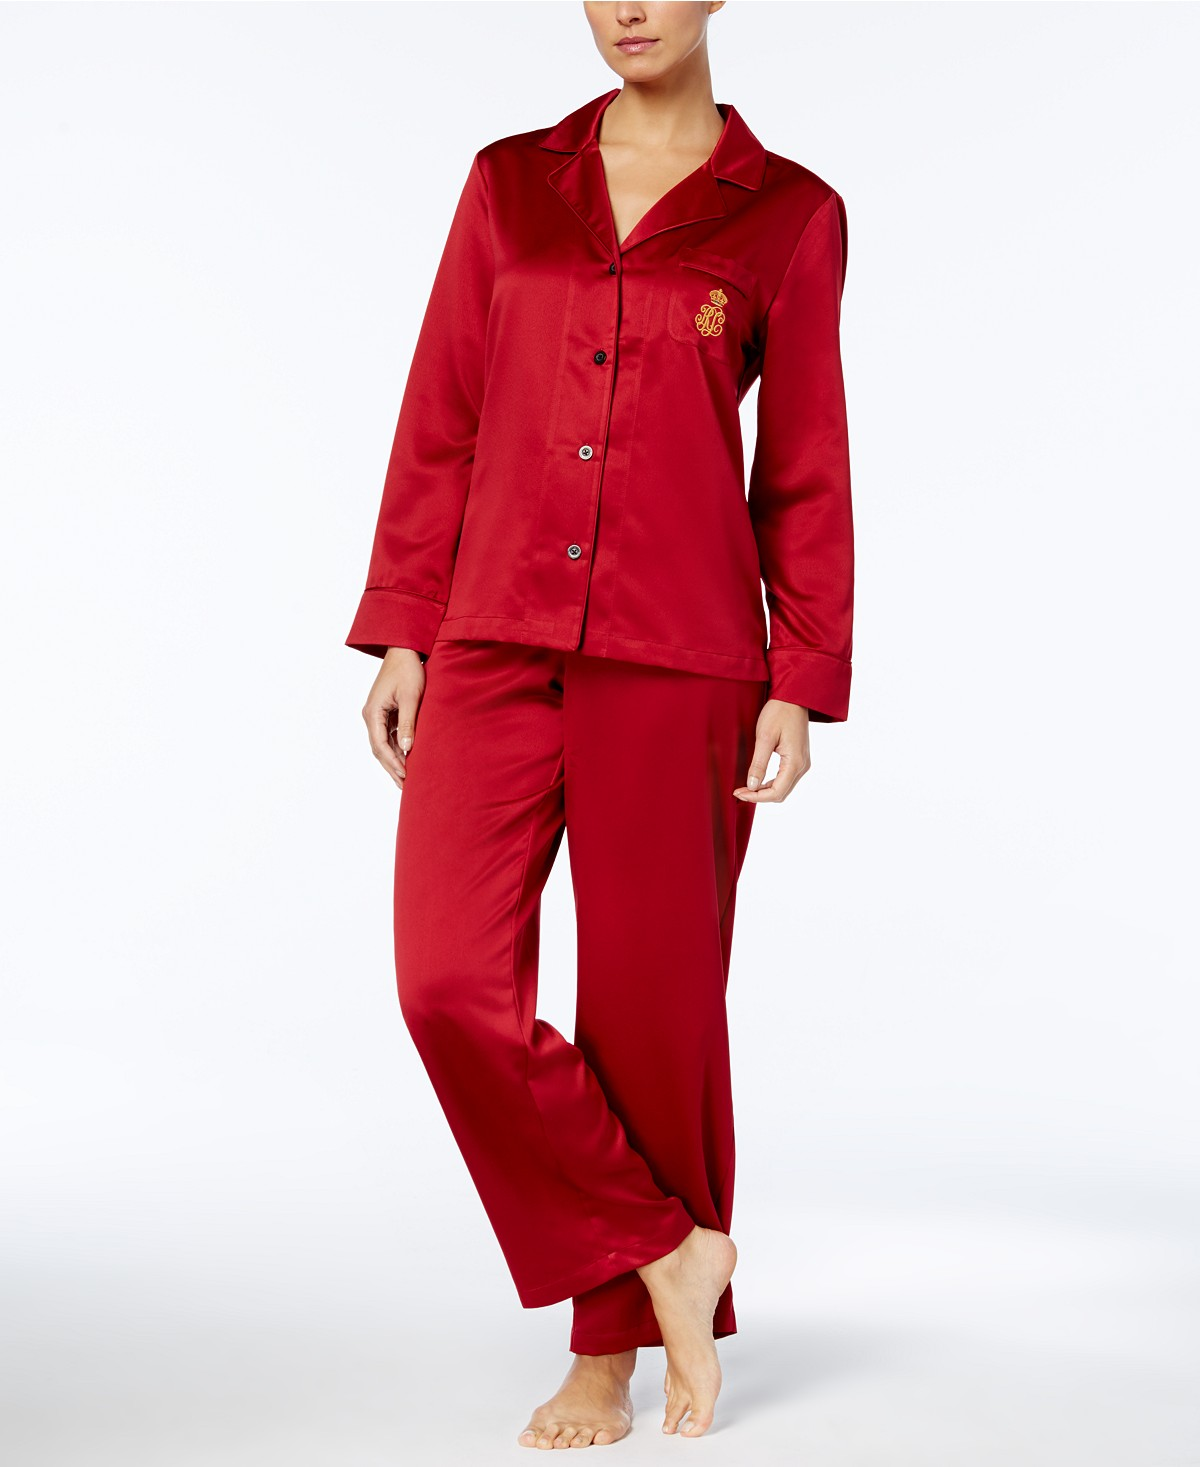 Red Satin Pajama Set.jpg